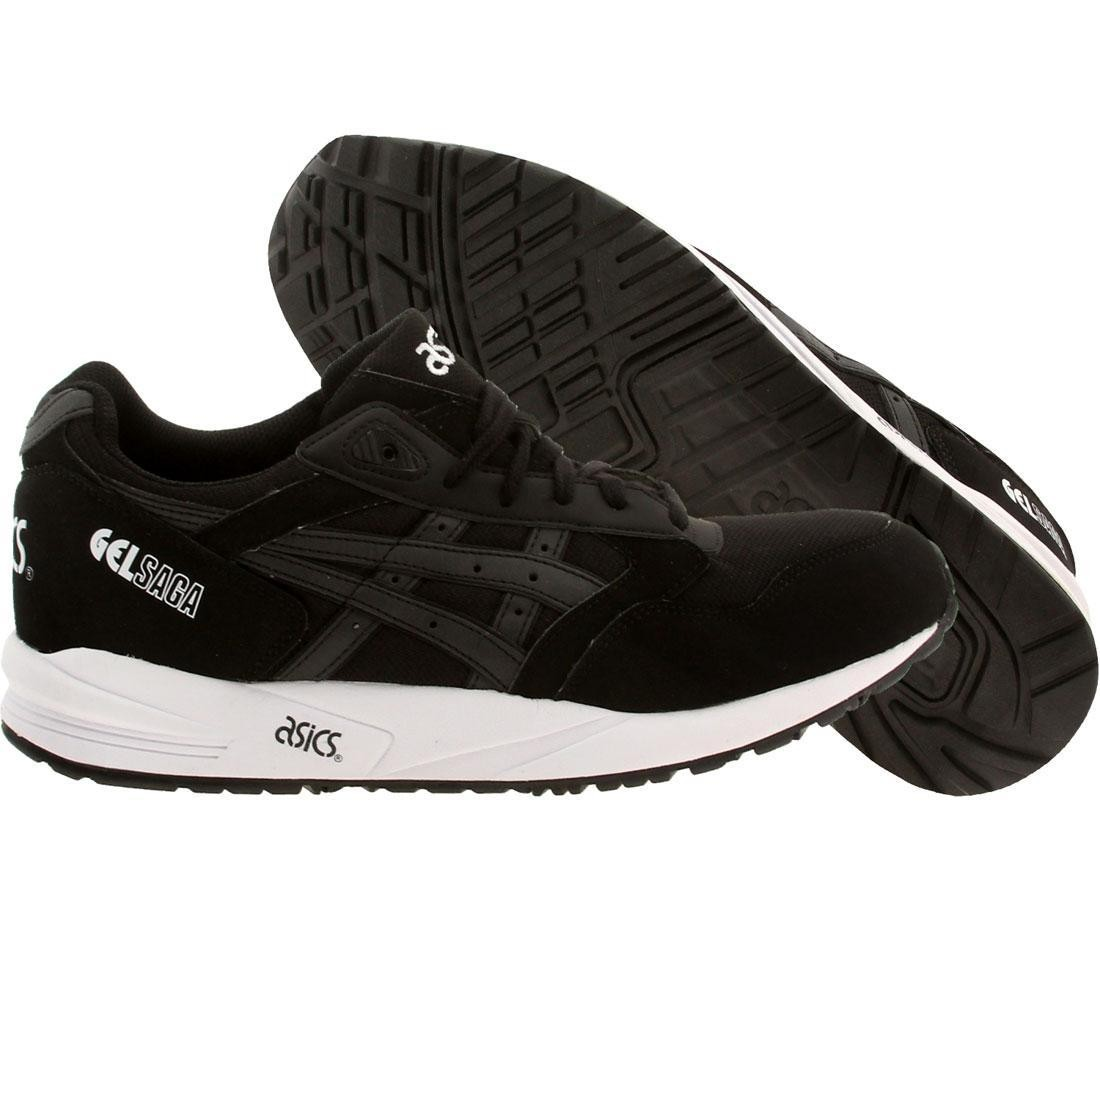 【海外限定】アシックス スニーカー 靴 【 ASICS TIGER MEN GELSAGA BLACK 】